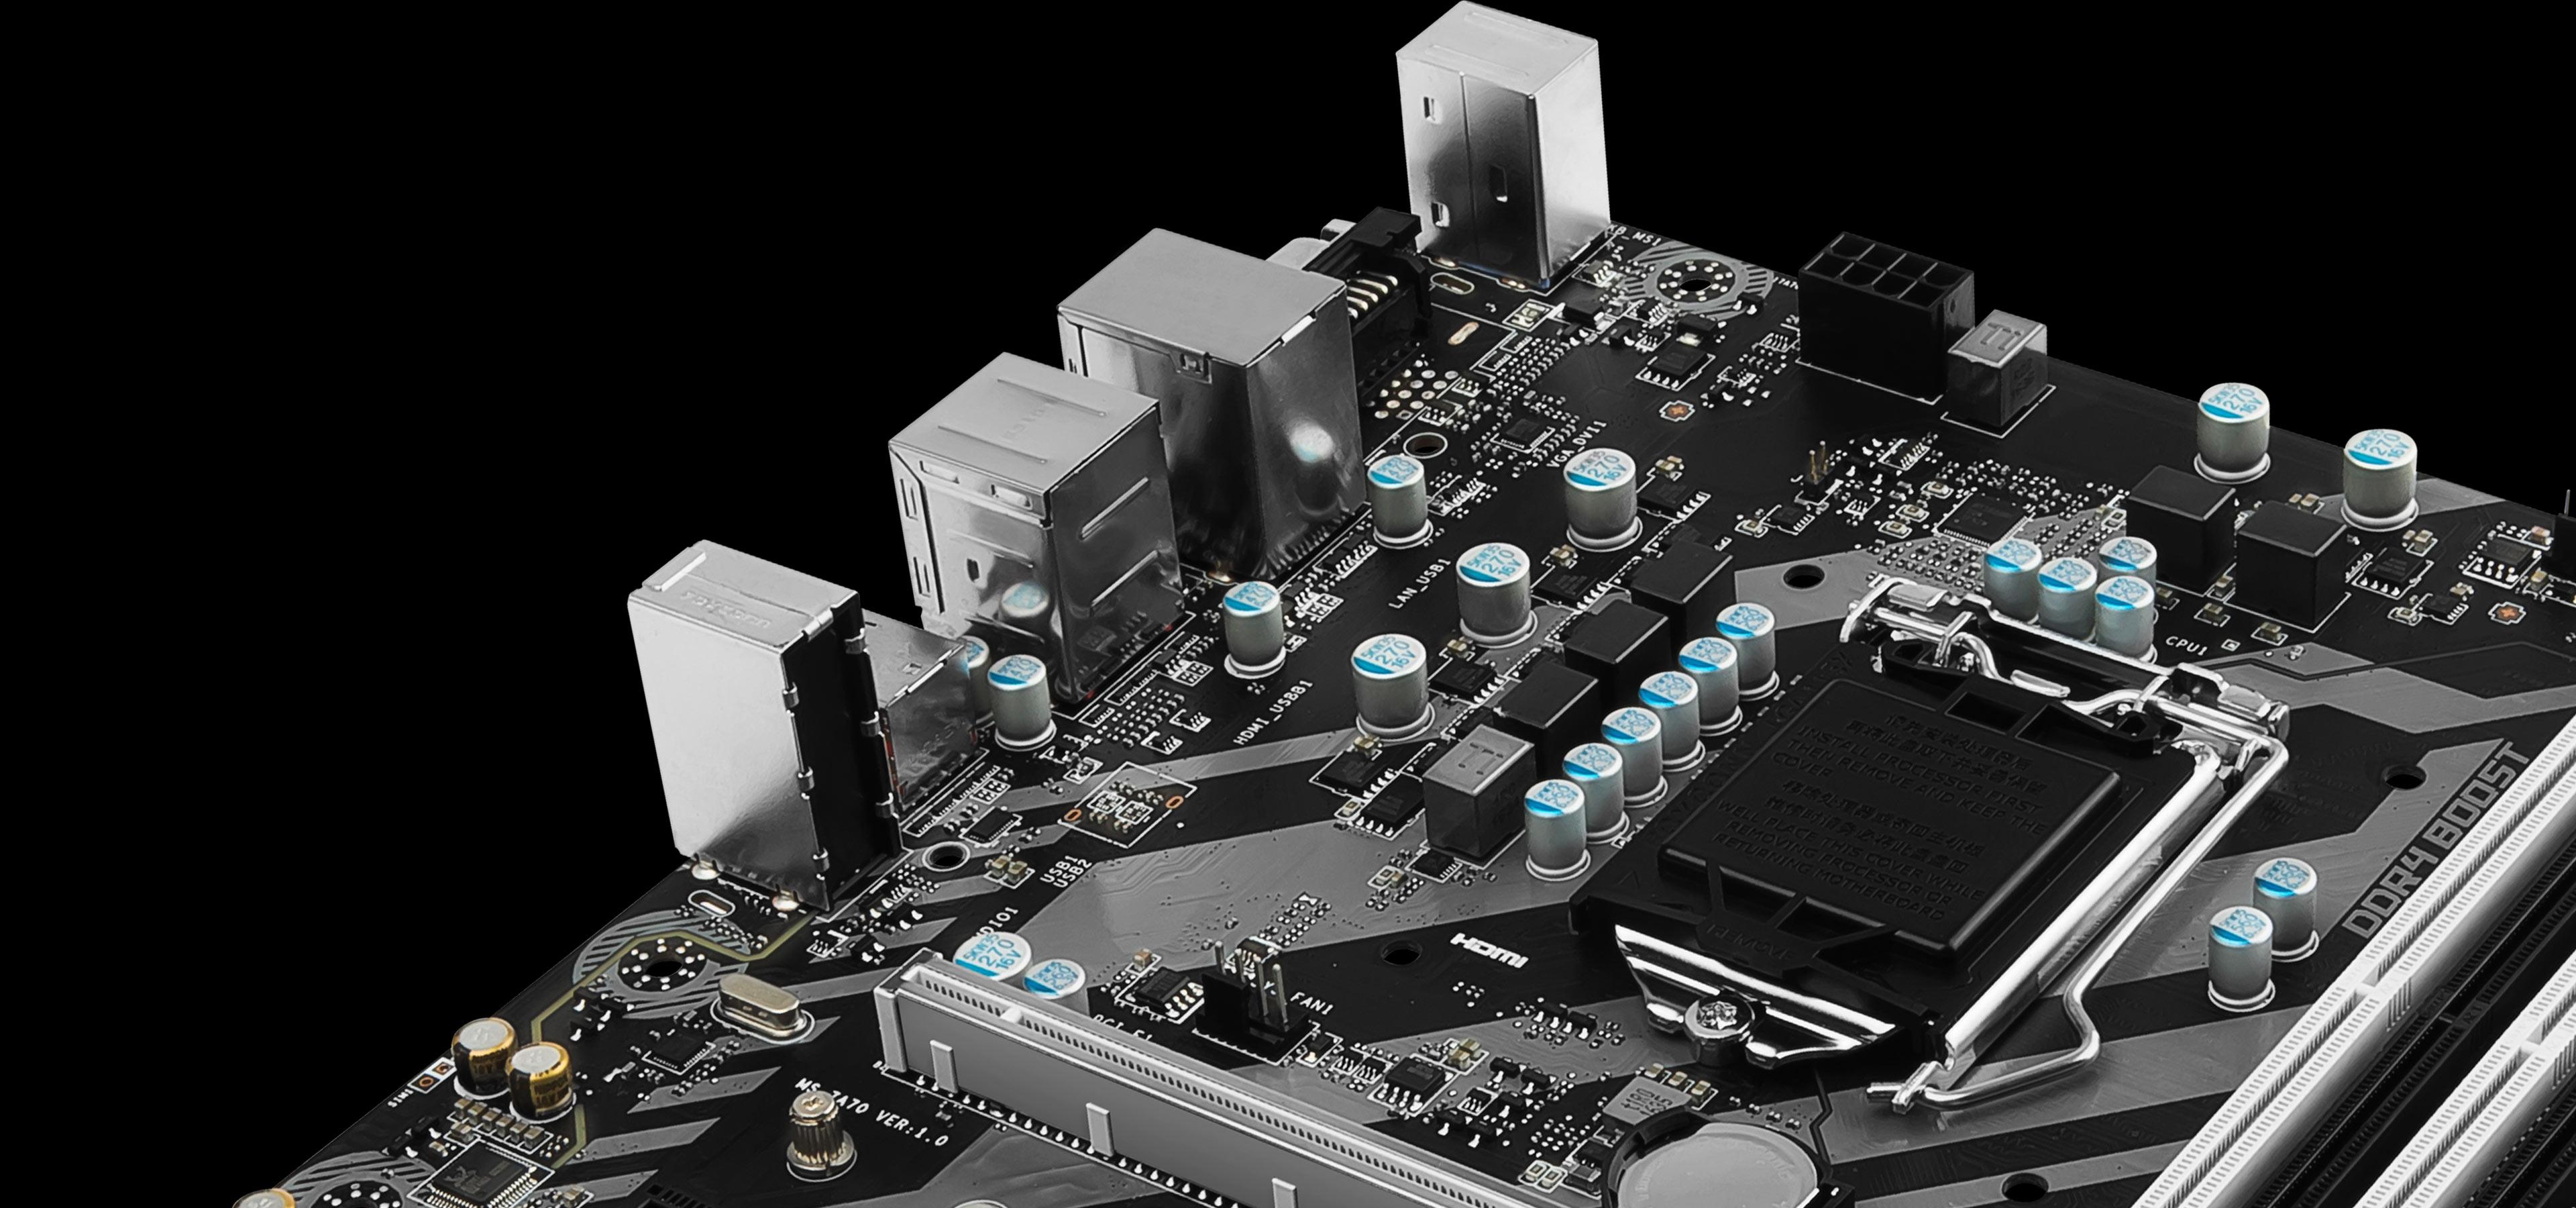 MSI H270M BAZOOKA VR Ready M-ATX Motherboard - Black (Intel Core i3/i5/i7 Processor, LGA 1151, Dual Channel DDR4, USB 3.1, PCI-E 3.0, PCI-E x1, Sata 6 GB)